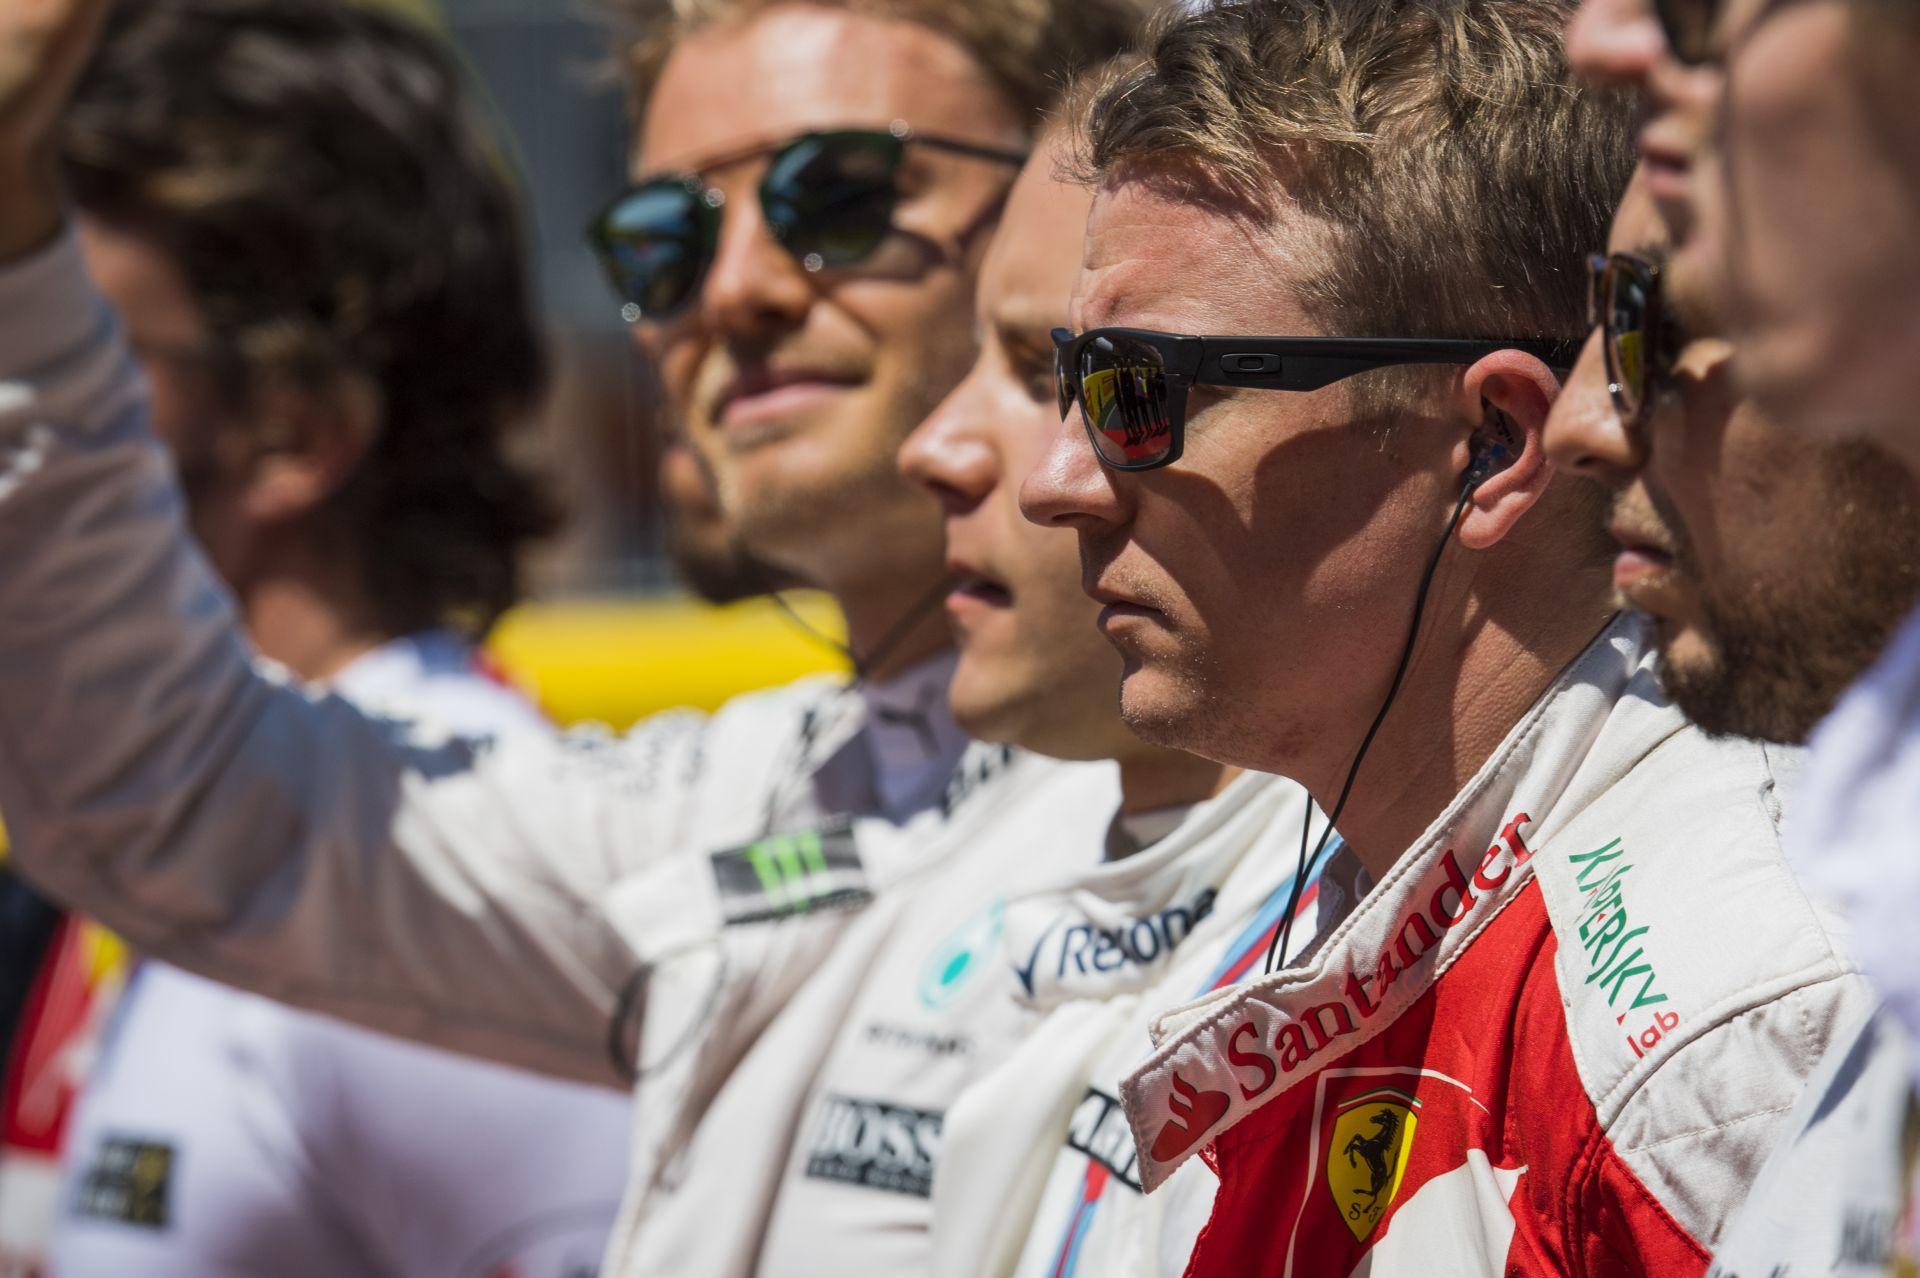 Raikkönent egy F1-es Ferrarival üldözték: micsoda móka?!